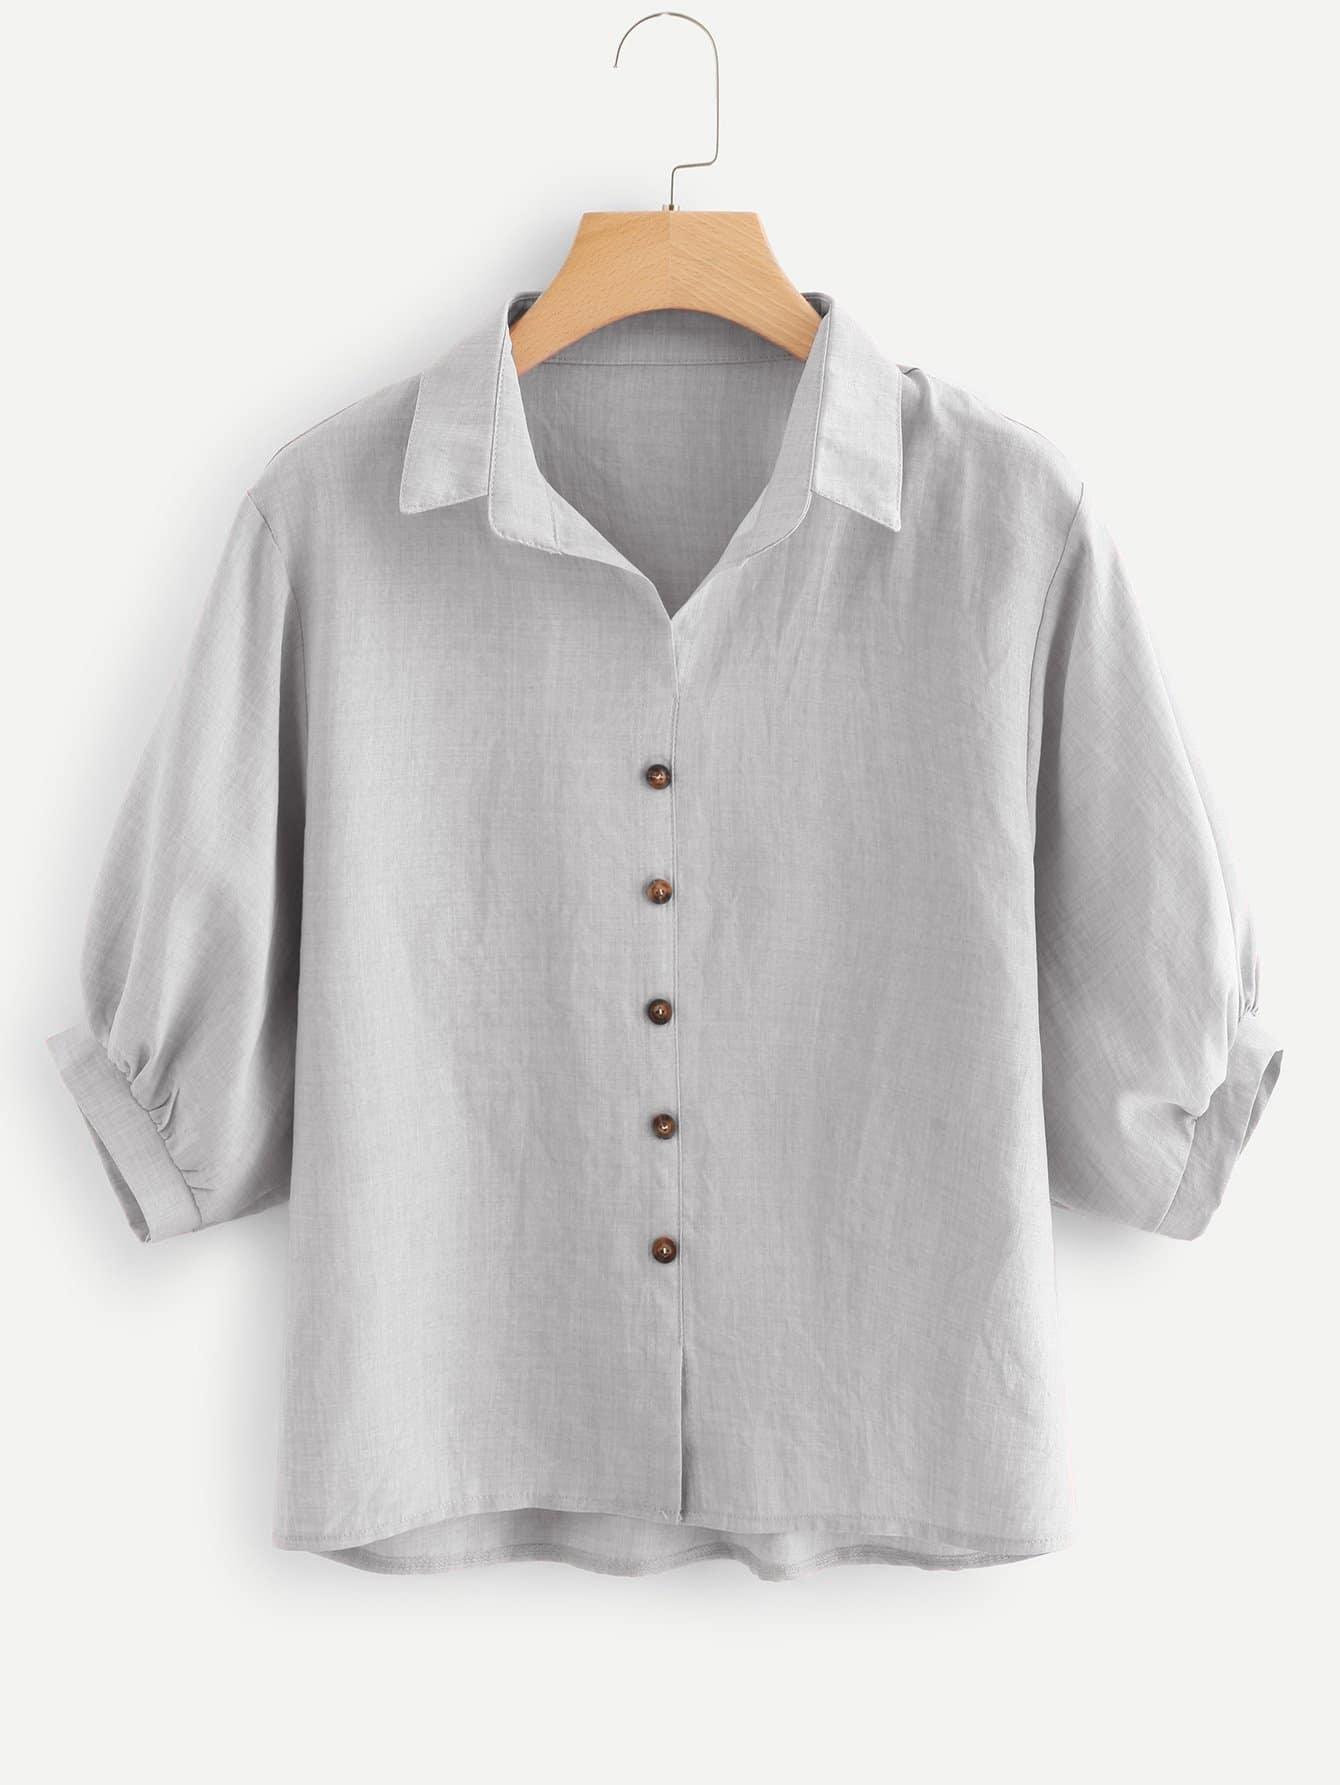 Купить Повседневный Одноцветный Пуговица Серый Блузы+рубашки, null, SheIn